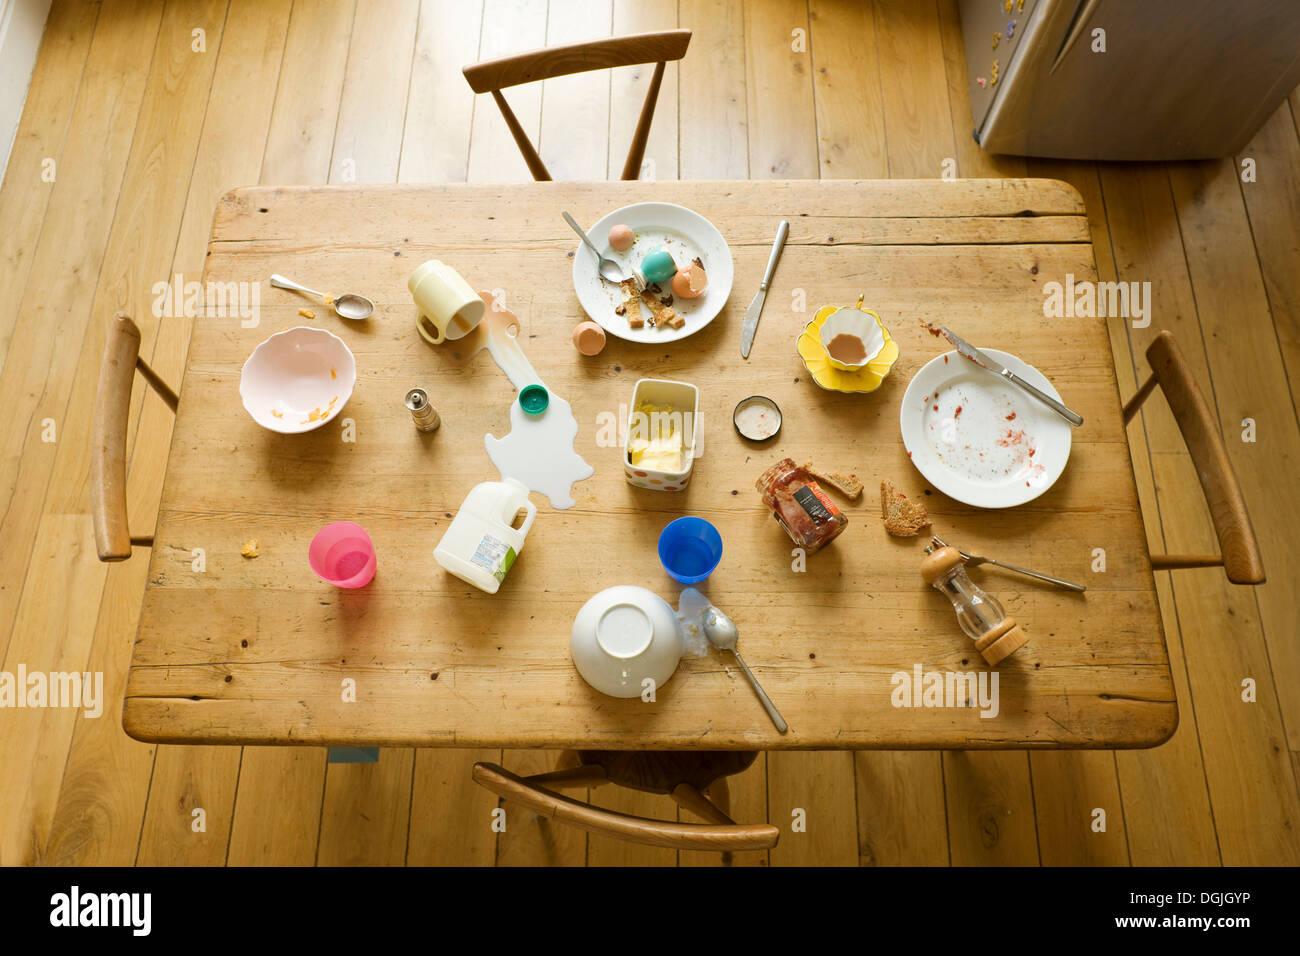 Vista aérea de la mesa de desayuno con comido alimentos y placas desordenadas Foto de stock